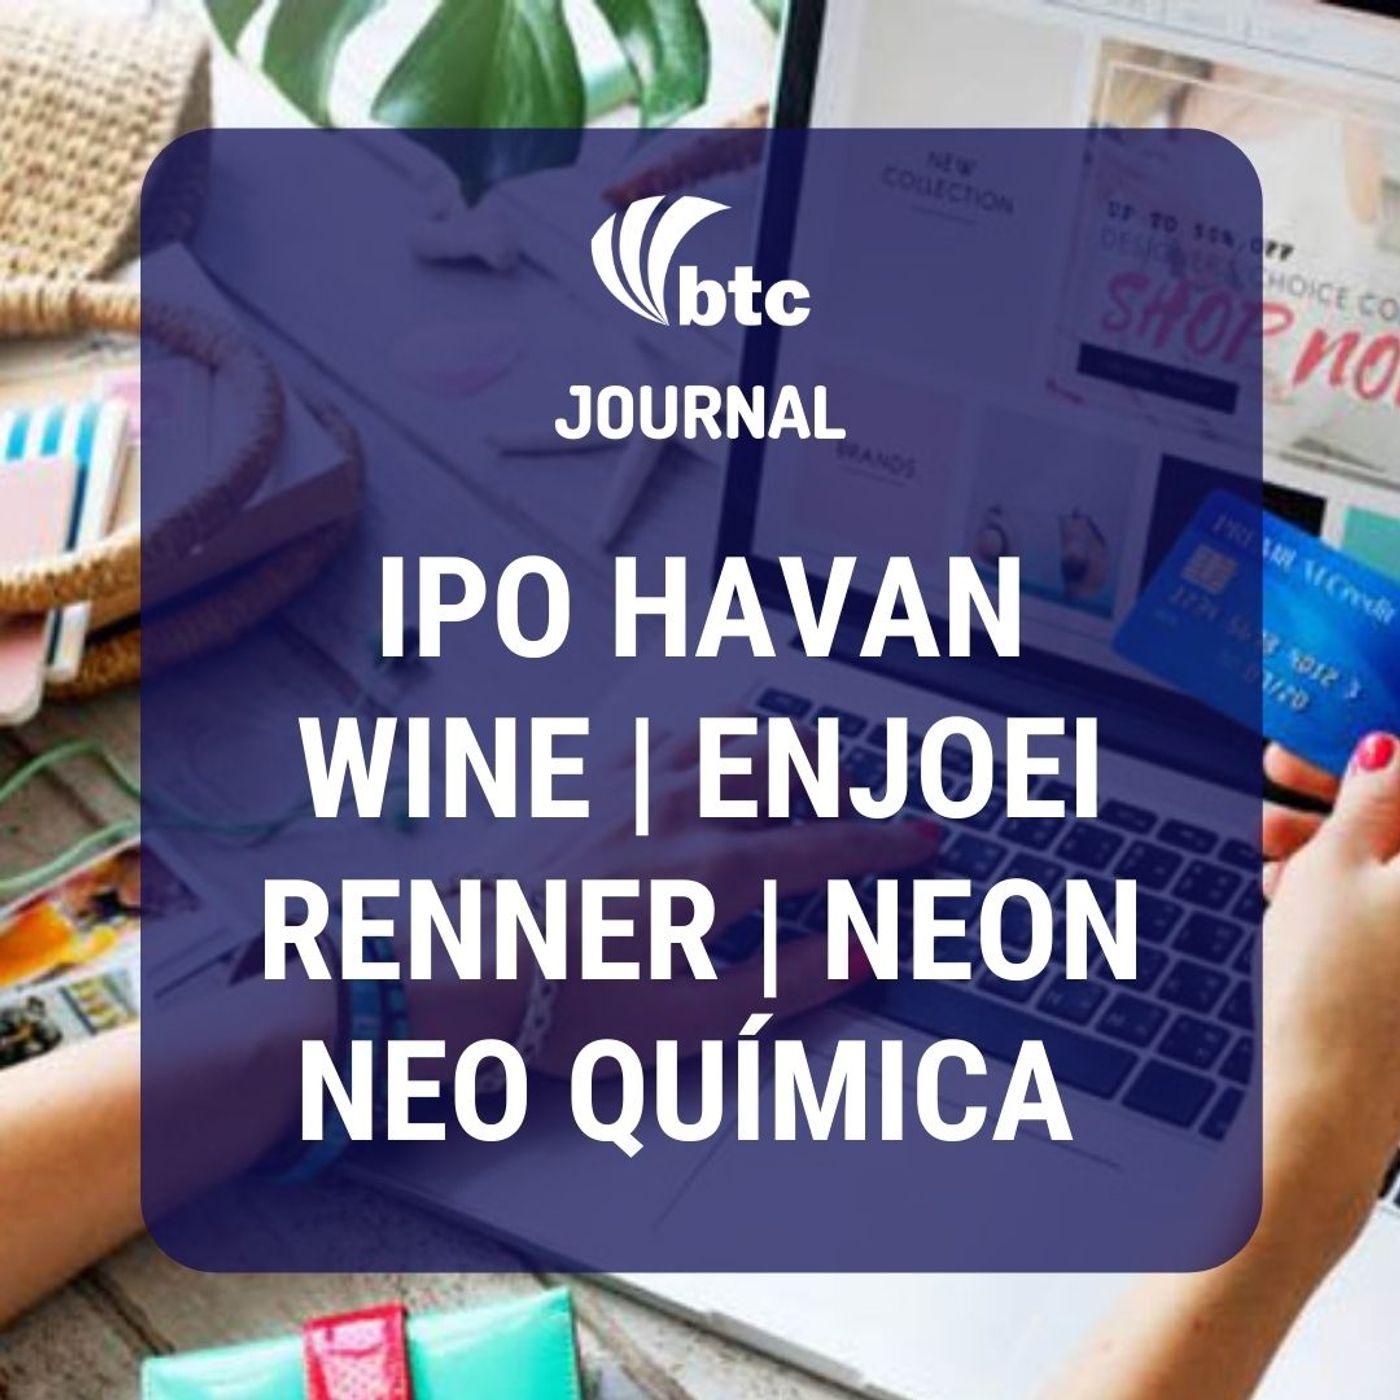 IPO Havan, Enjoei, Wine, Naming Rights Neo Química, Renner e Neon | BTC Journal 03/09/20